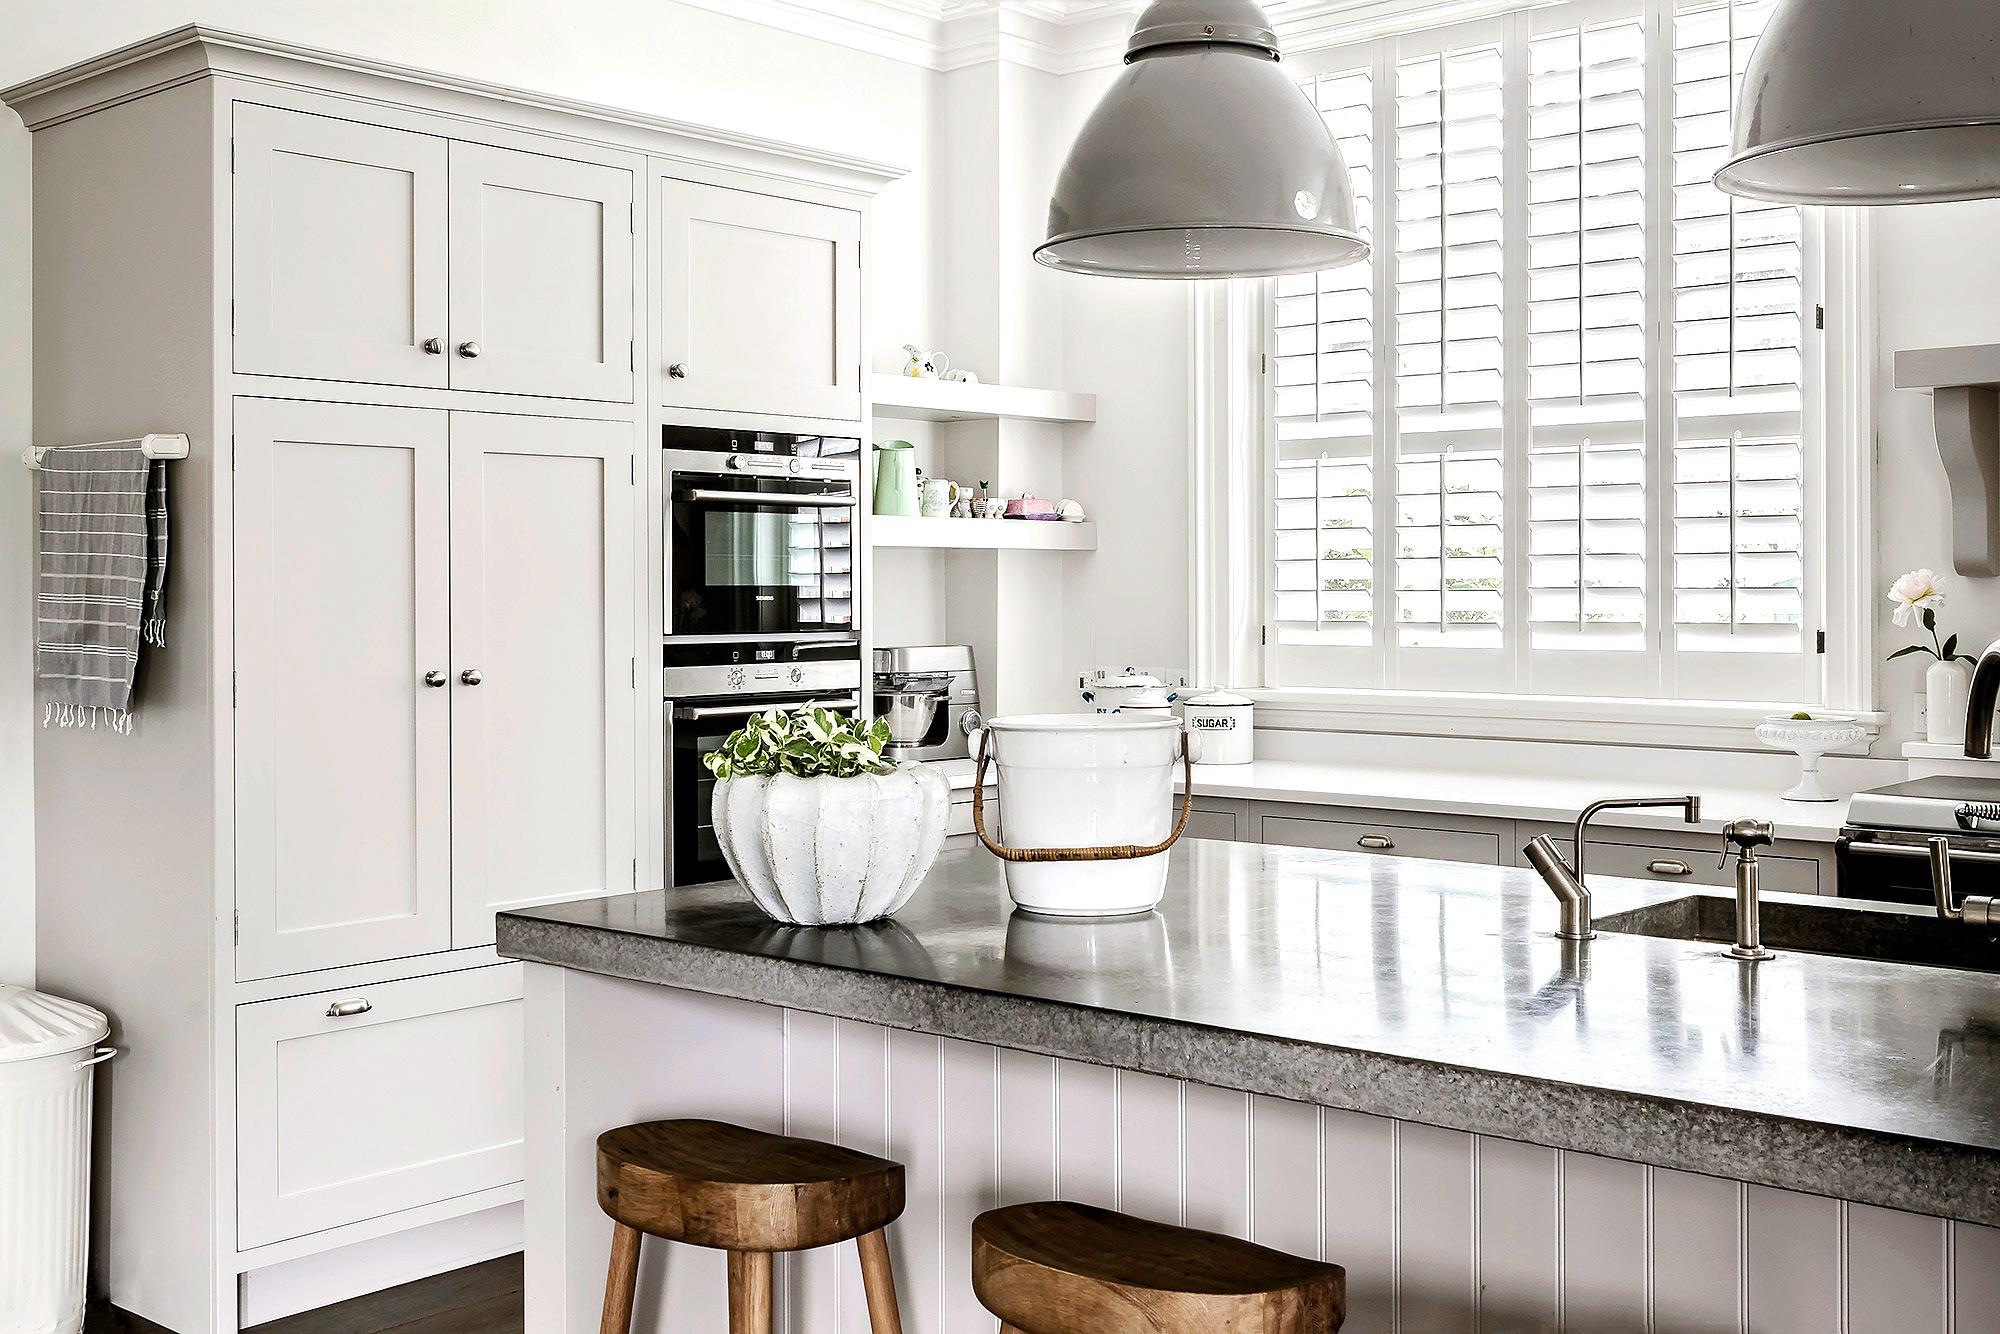 Kitchen detail – interior design by Eadie & Crole